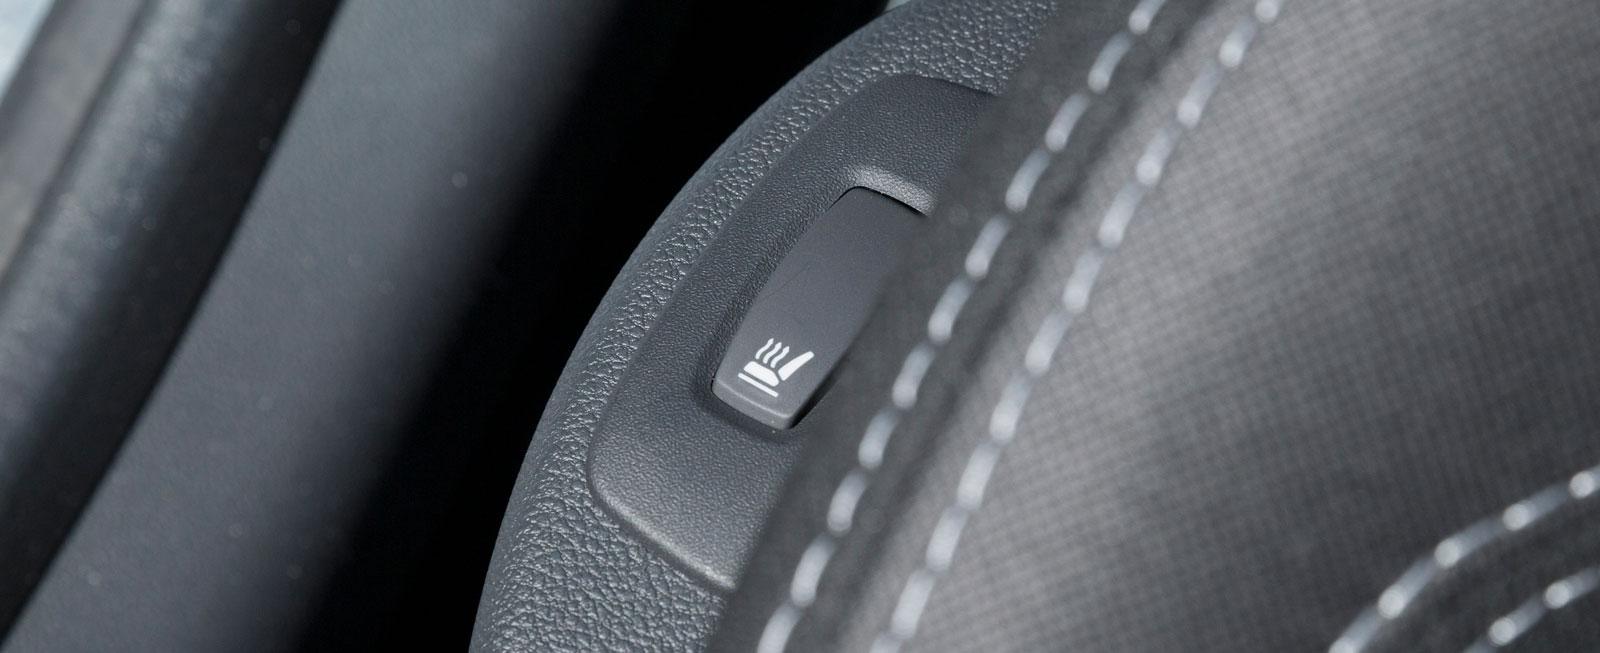 Knappar för diverse funktioner är på traditionellt Renaultmanér lite slumpvis spridda. Väme-stolen regleras med en skymd knapp på sitsens sida.